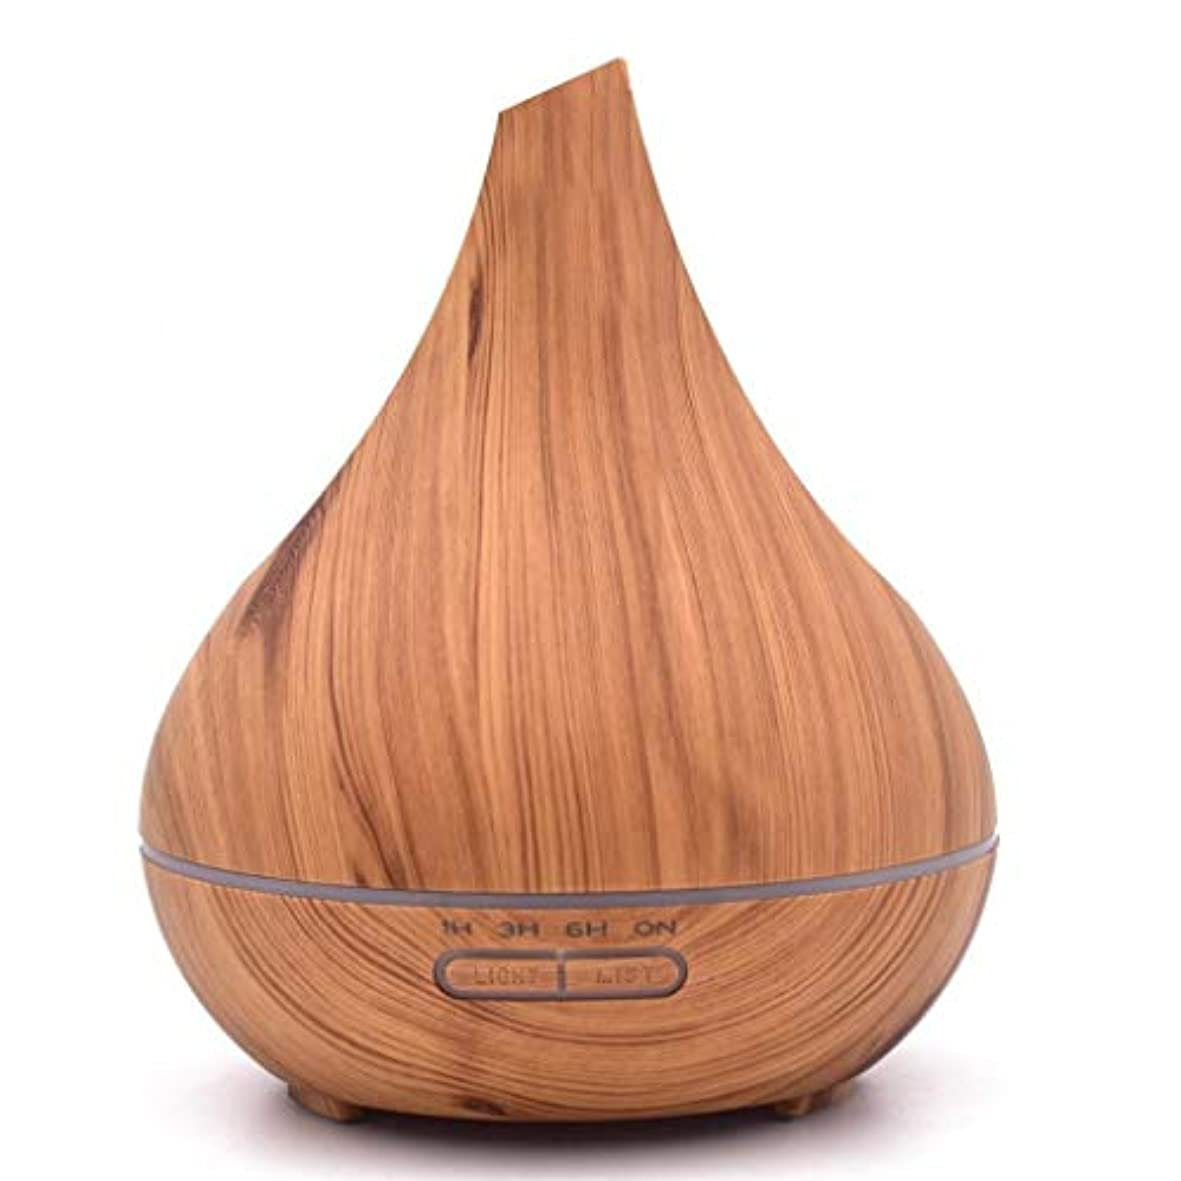 ビスケットであるトランクライブラリ400ミリリットルエッセンシャルオイルディフューザーアロマセラピーささやき静かな操作水なし電源オフ用オフィスホームヨガスパギフト用女性 (Color : Light Wood Grain)